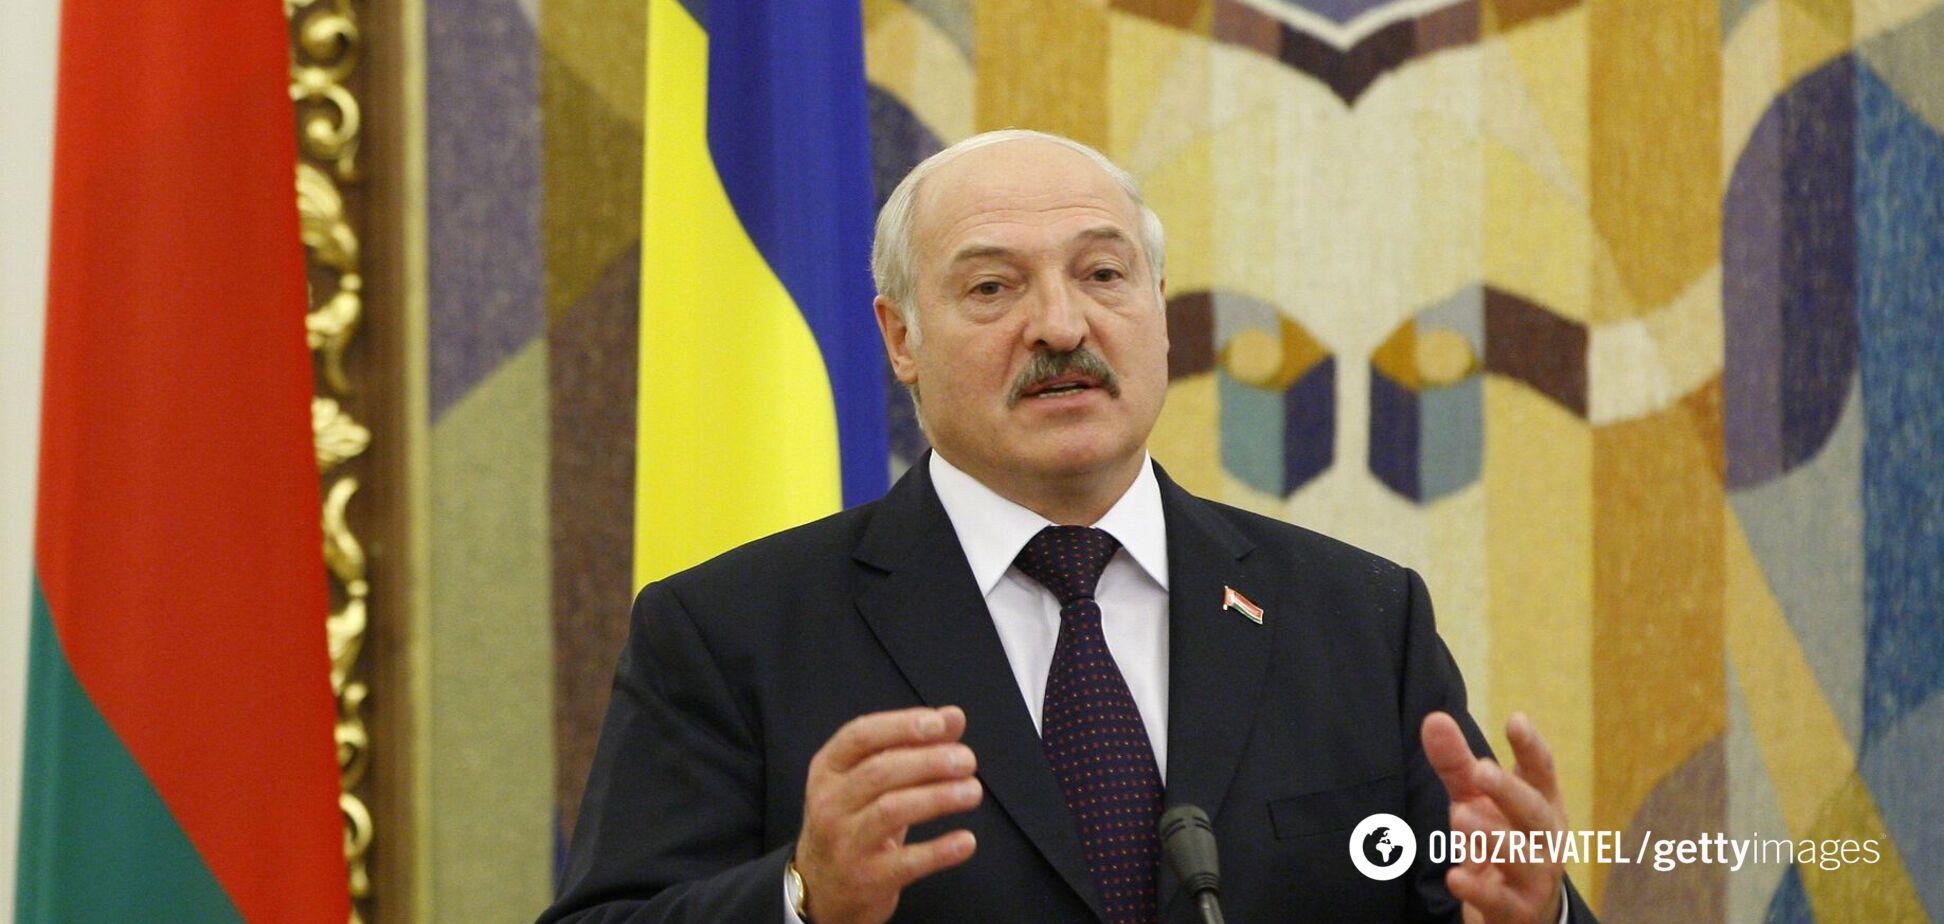 Отстранение Лукашенко смертельно опасно для Кремля